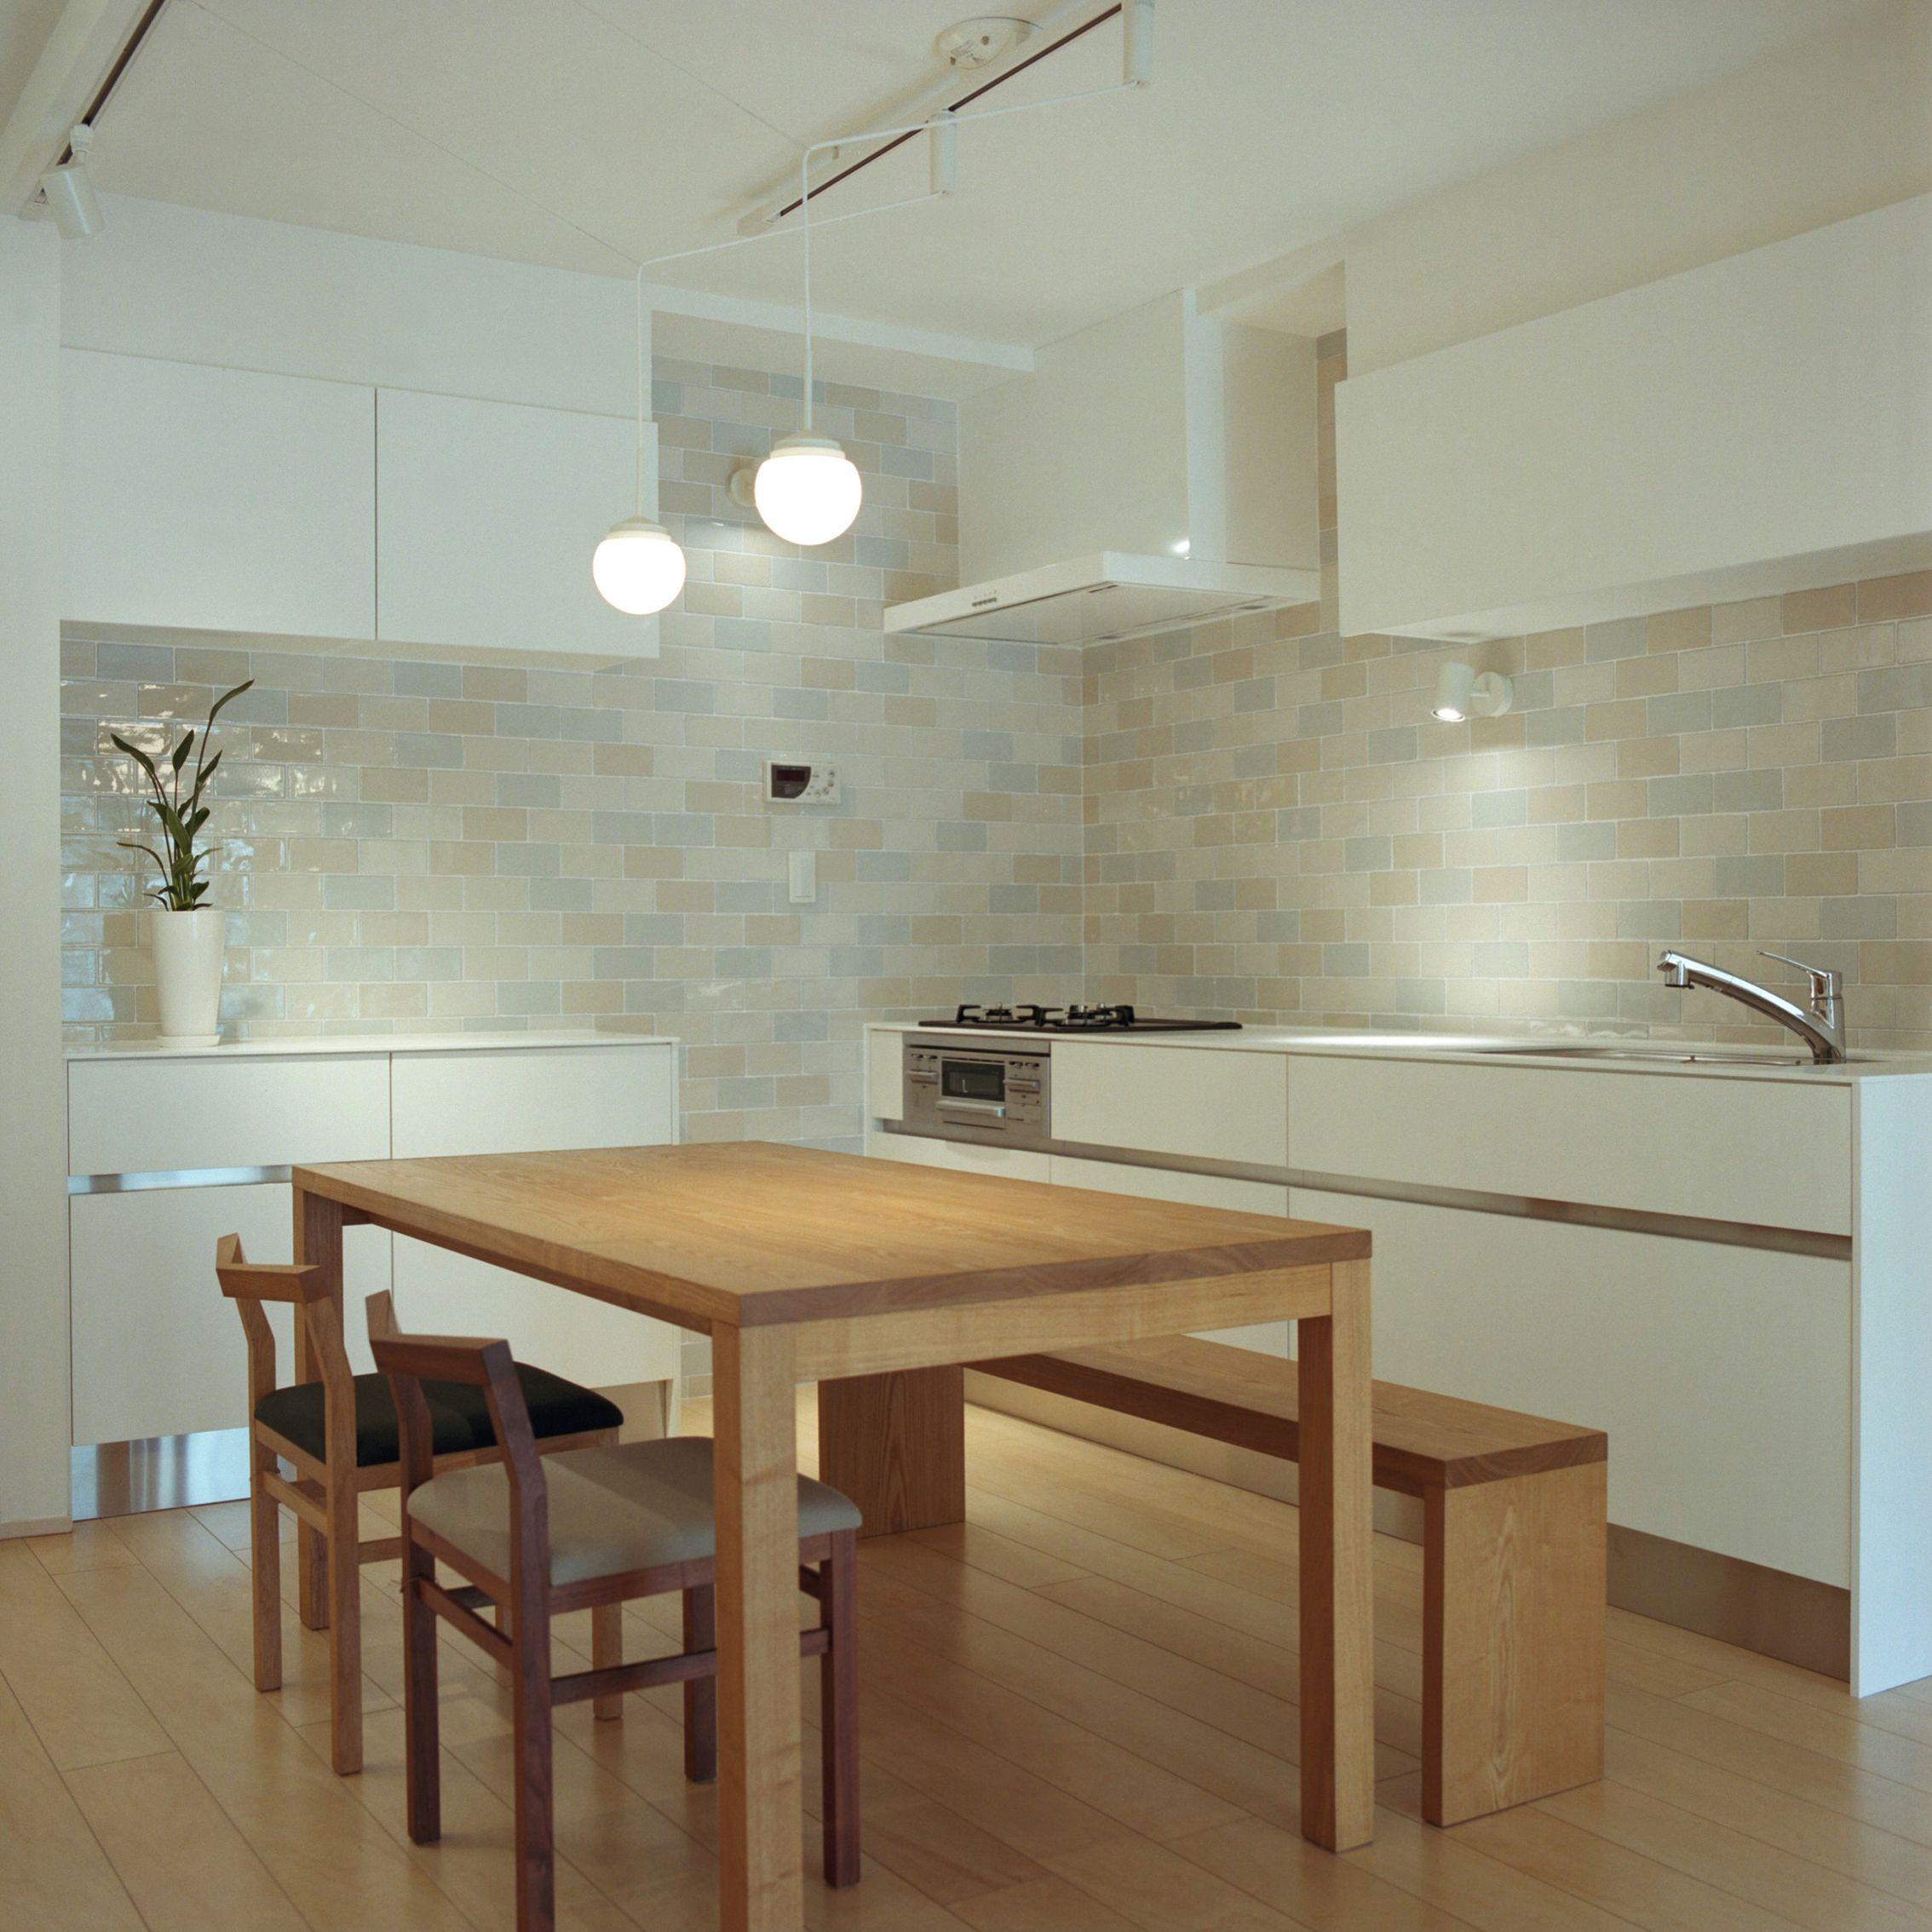 CEVICA Projects Realized by Yuko Ikenaga, from SANWA COMPANY LTD ...